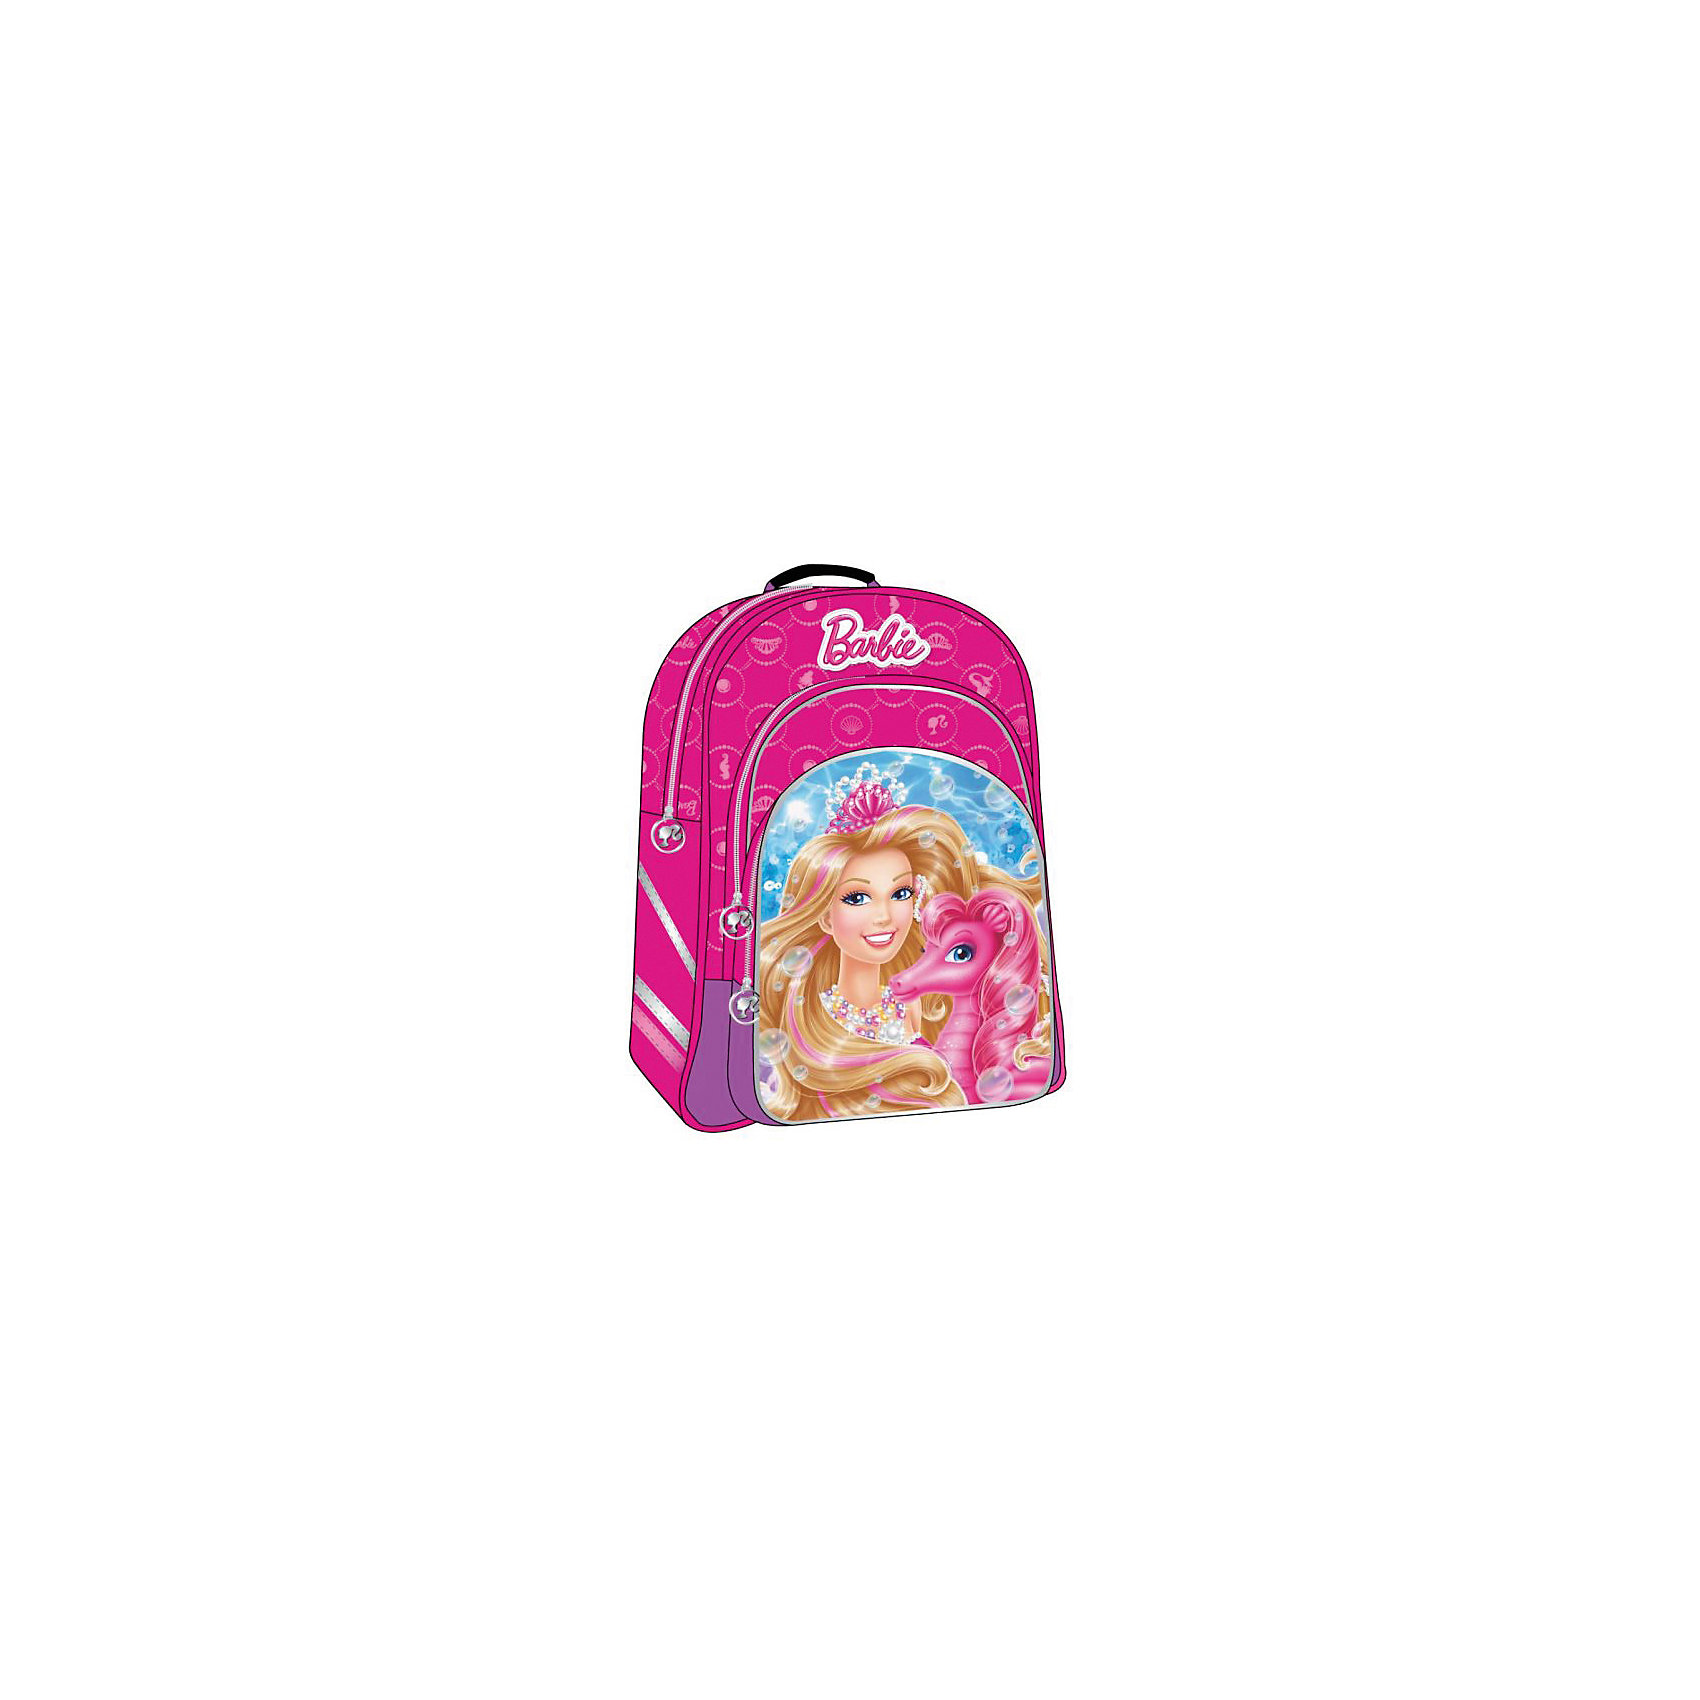 Школьный рюкзак облегченный, BarbieРюкзак с любимой героиней не оставит равнодушной ни одну девочку!  Регулируемые лямки с мягкими накладками не давят на плечи и правильно распределяют нагрузку на спину. Удобная спинка рюкзака адаптирована под анатомические особенности ребенка и не портит осанку.  Модель имеет одно вместительное отделение с разделителями и два наружных кармана: один побольше, другой -поменьше- для мелочей. Рюкзак выполнен из высококачественных прочных материалов, имеет облегченную конструкцию, подходящую для первоклассников и детей дошкольного возраста. <br><br>Дополнительная информация:<br><br>- Материал: полиэстер, текстиль, пластик.<br>- Размер: 38х19х43 см.<br>- Цвет:  розовый. <br>- Тип застежки: молния.<br>- Количество отделений: 1<br>- Количество карманов: 2<br>- Лямки регулируются по длине.<br>- Ортопедическая спинка.<br><br>Рюкзак облегченный Barbie (Барби),  Играем вместе можно купить в нашем магазине.<br><br>Ширина мм: 390<br>Глубина мм: 300<br>Высота мм: 300<br>Вес г: 580<br>Возраст от месяцев: 72<br>Возраст до месяцев: 144<br>Пол: Женский<br>Возраст: Детский<br>SKU: 4028865